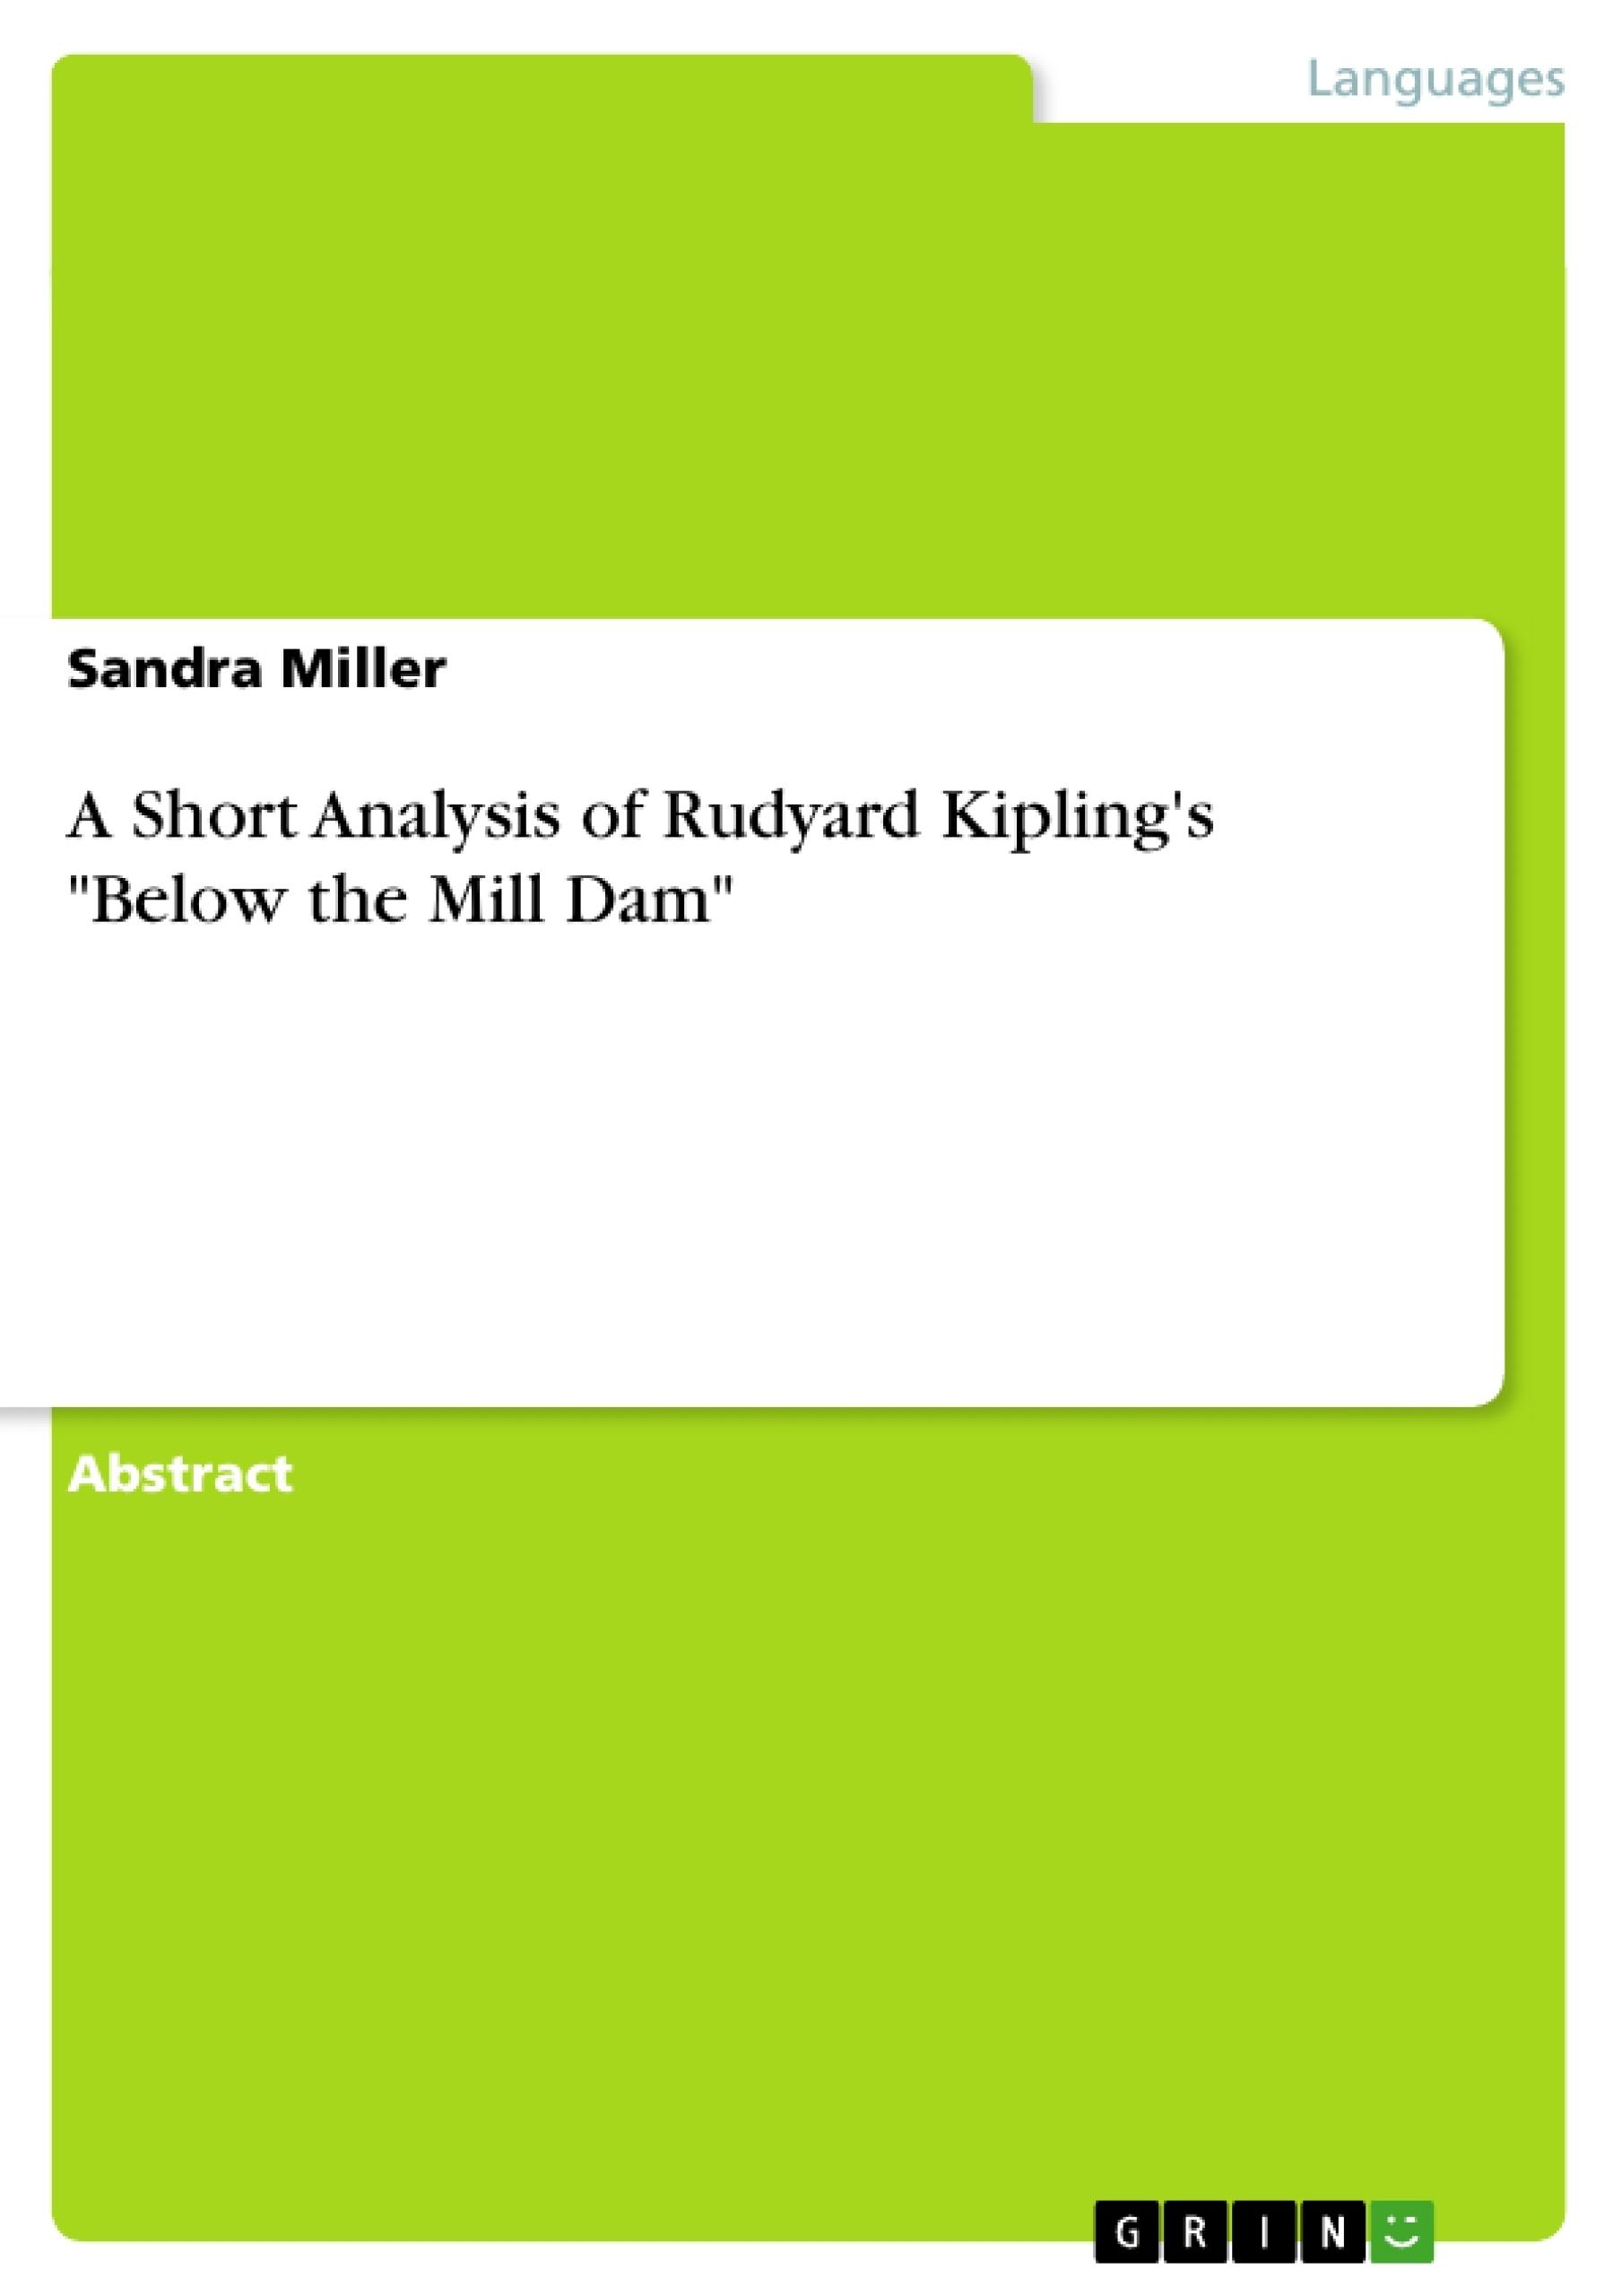 rudyard kipling analysis